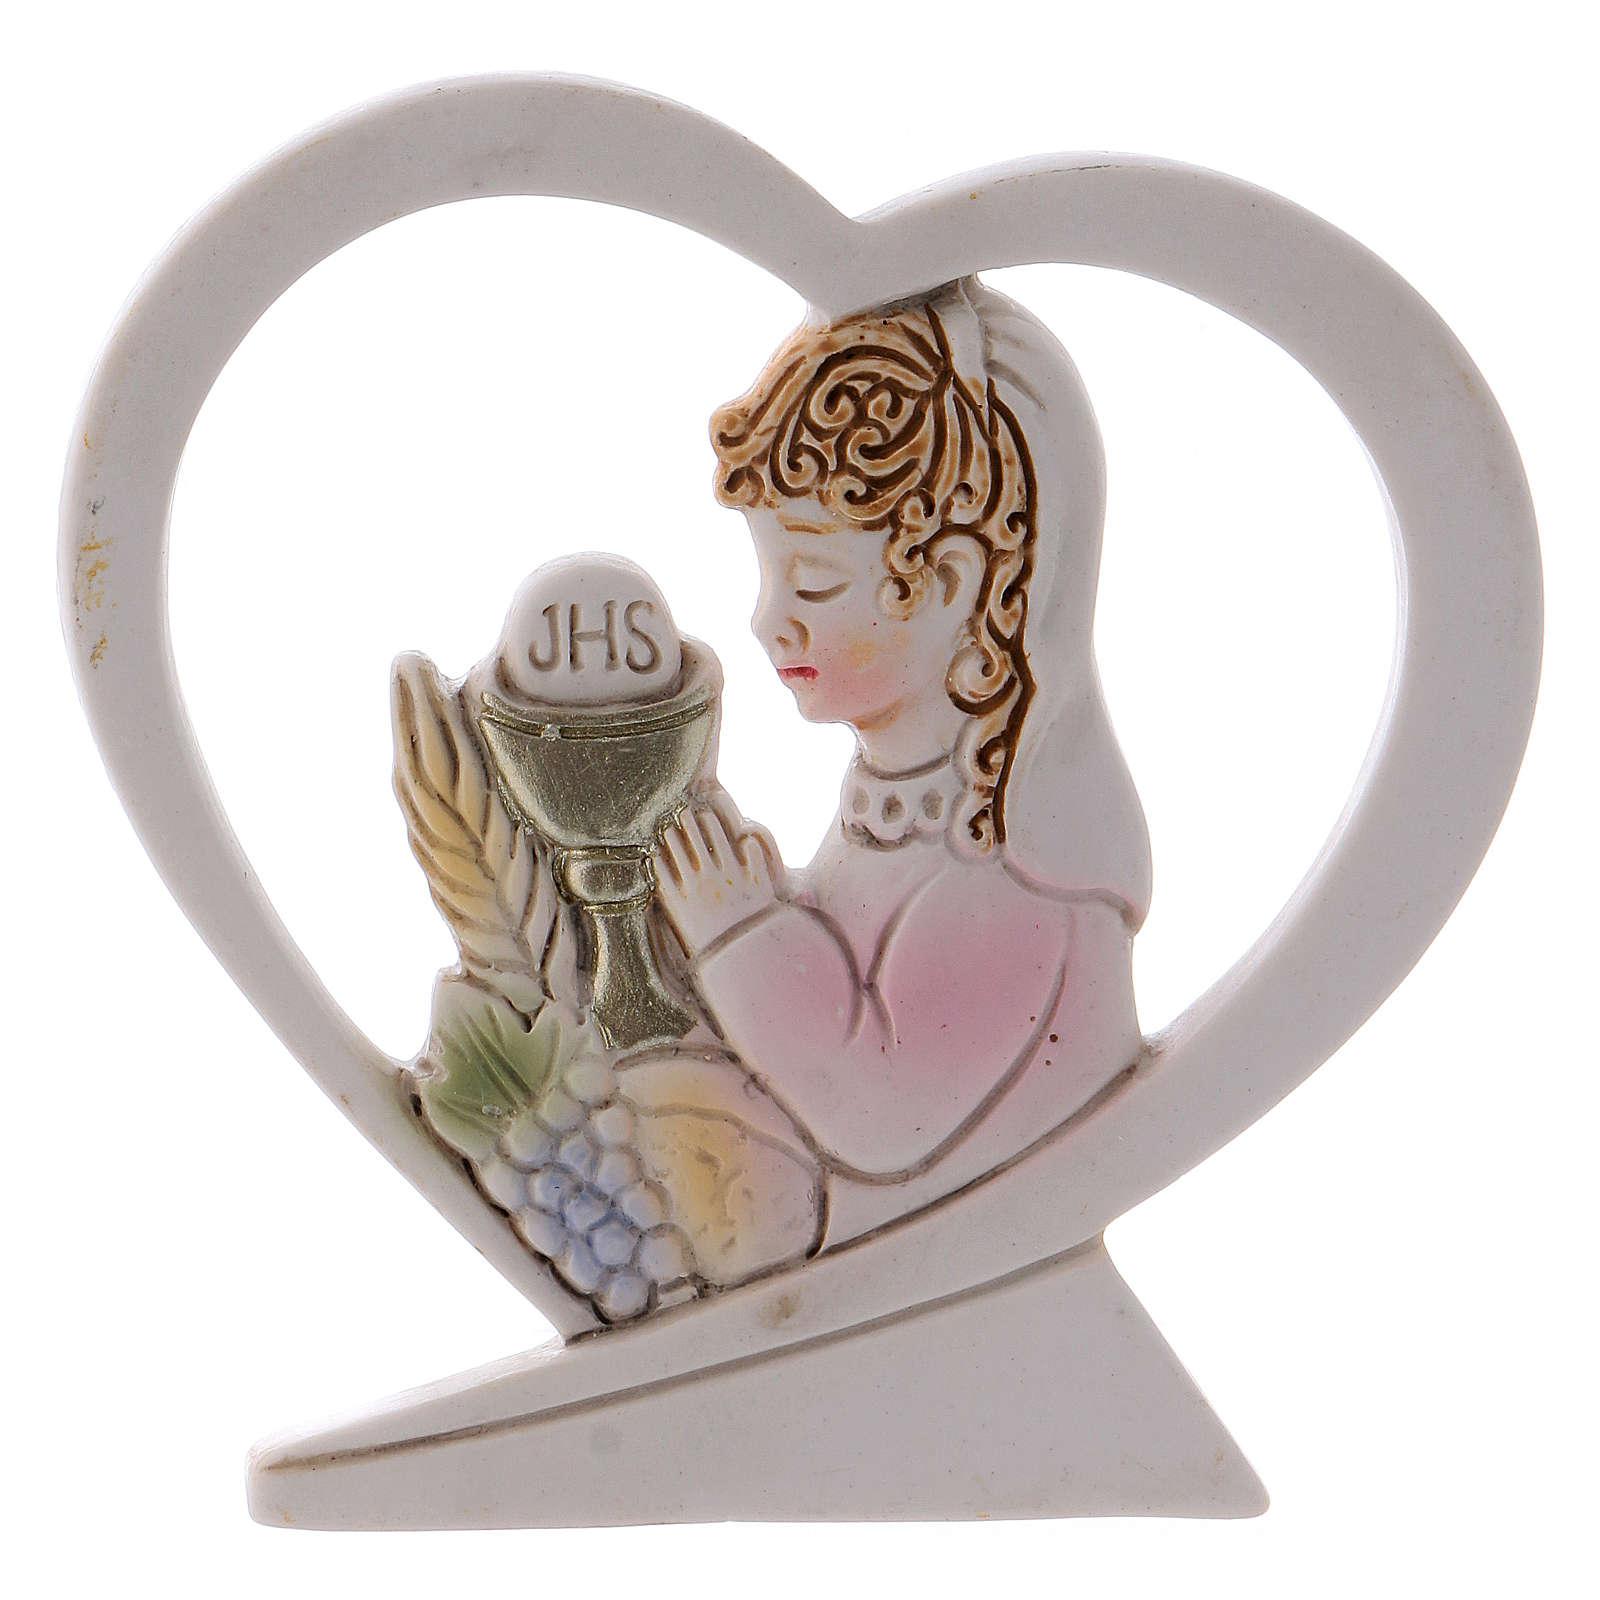 Pamiątka serce żywica dziewczynka 6 cm 3